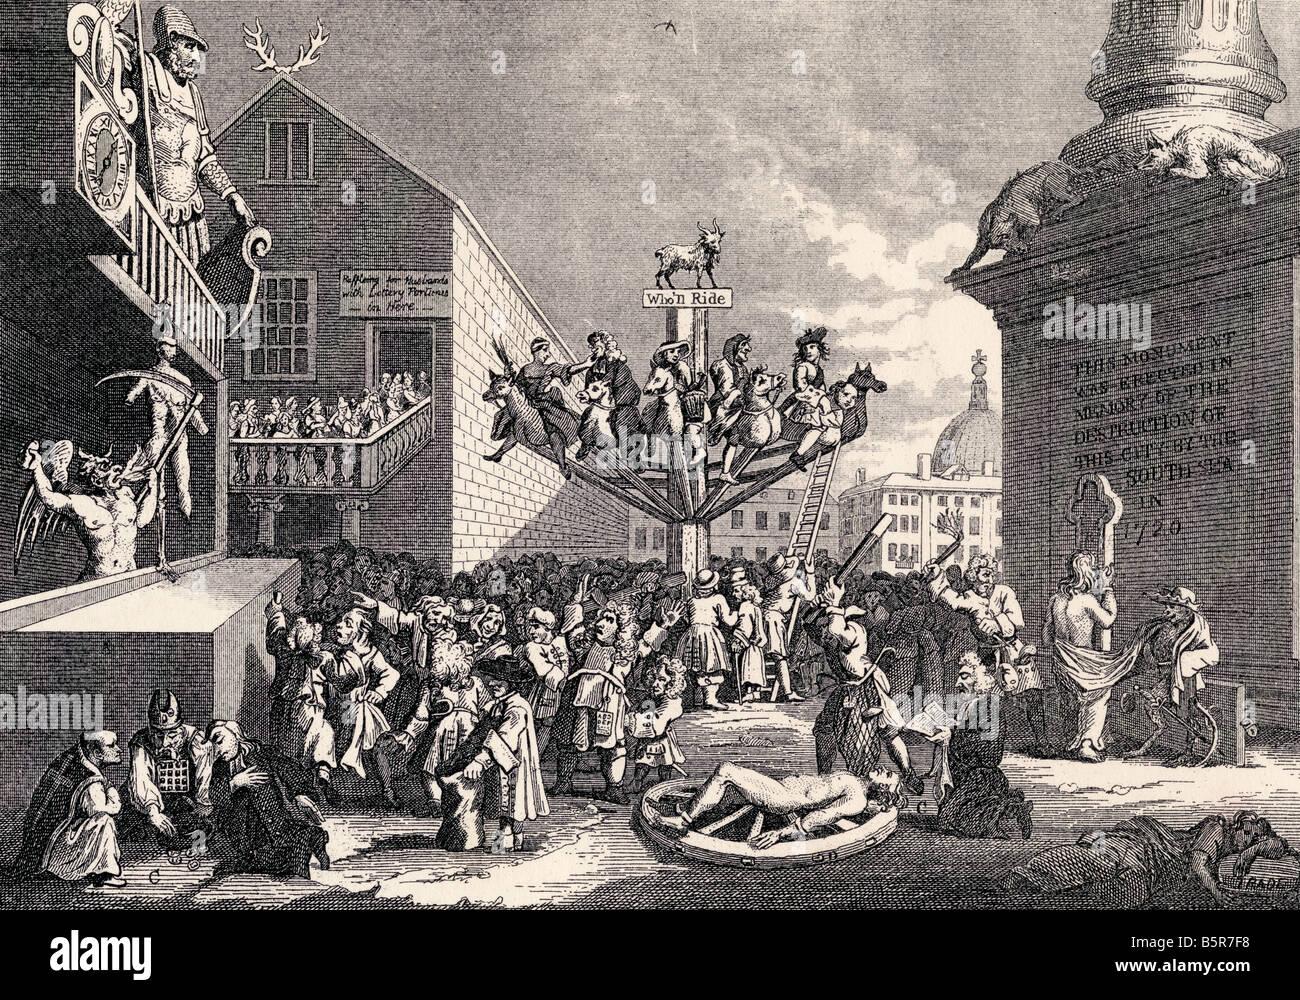 Eine sinnbildliche Print auf der South Sea Bubble von William Hogarth Stockbild